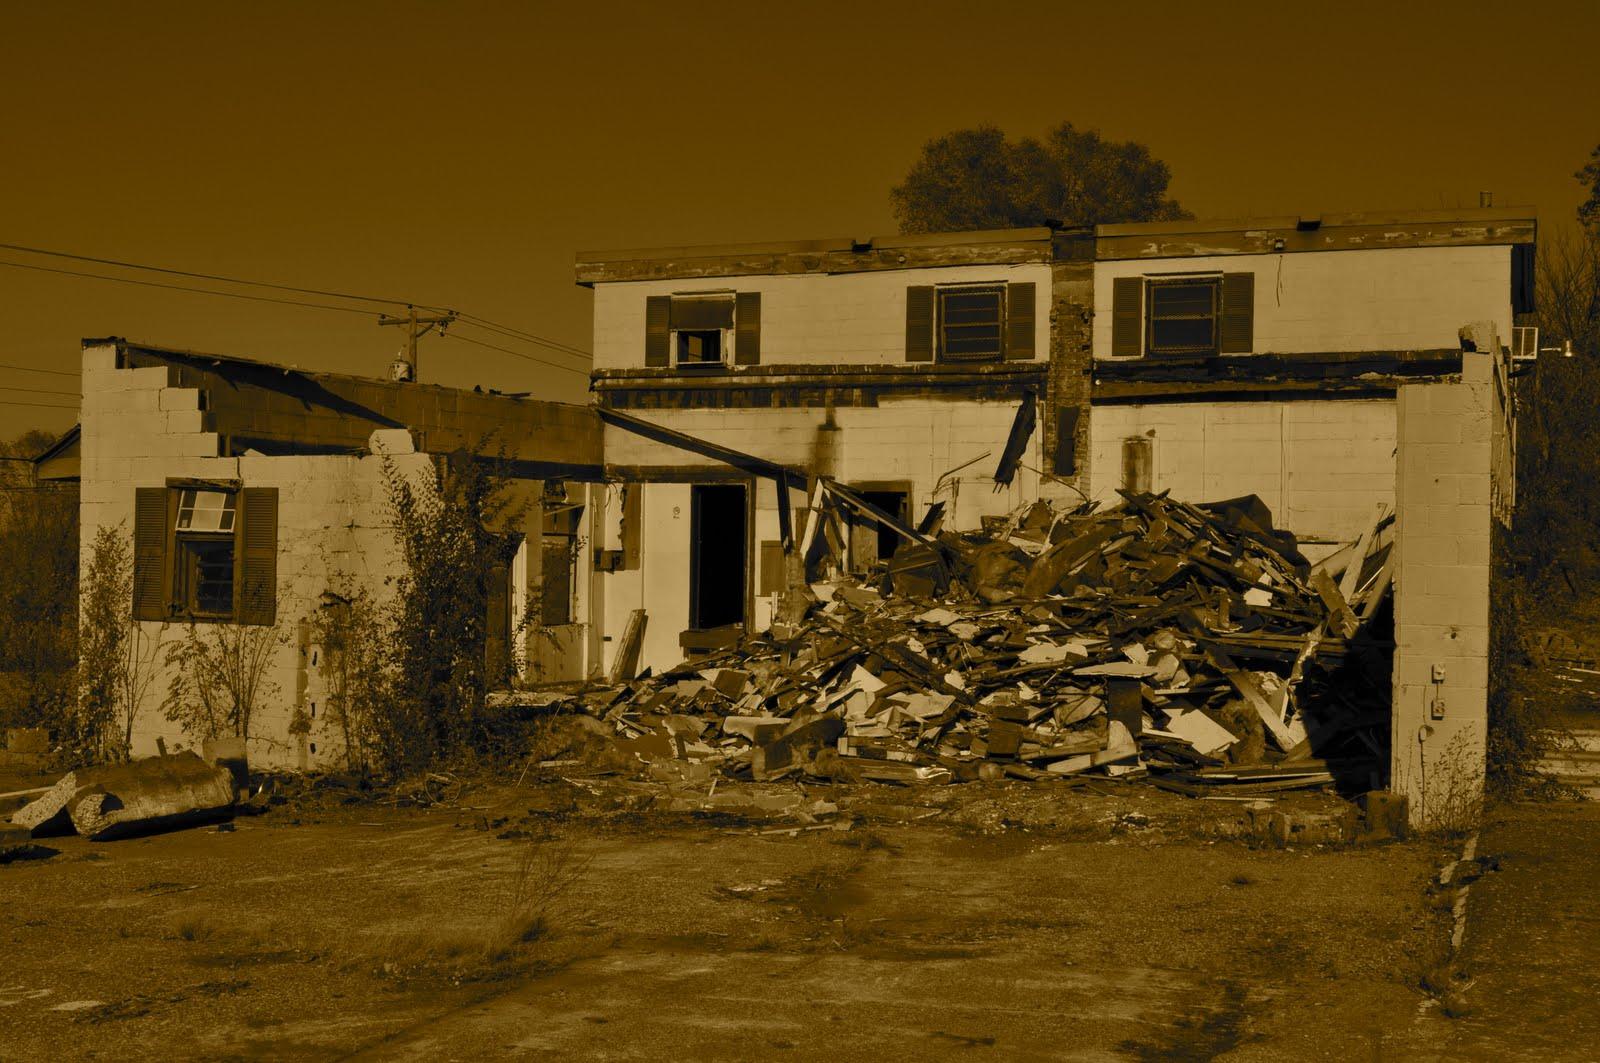 eagan daily photo suburban decay v